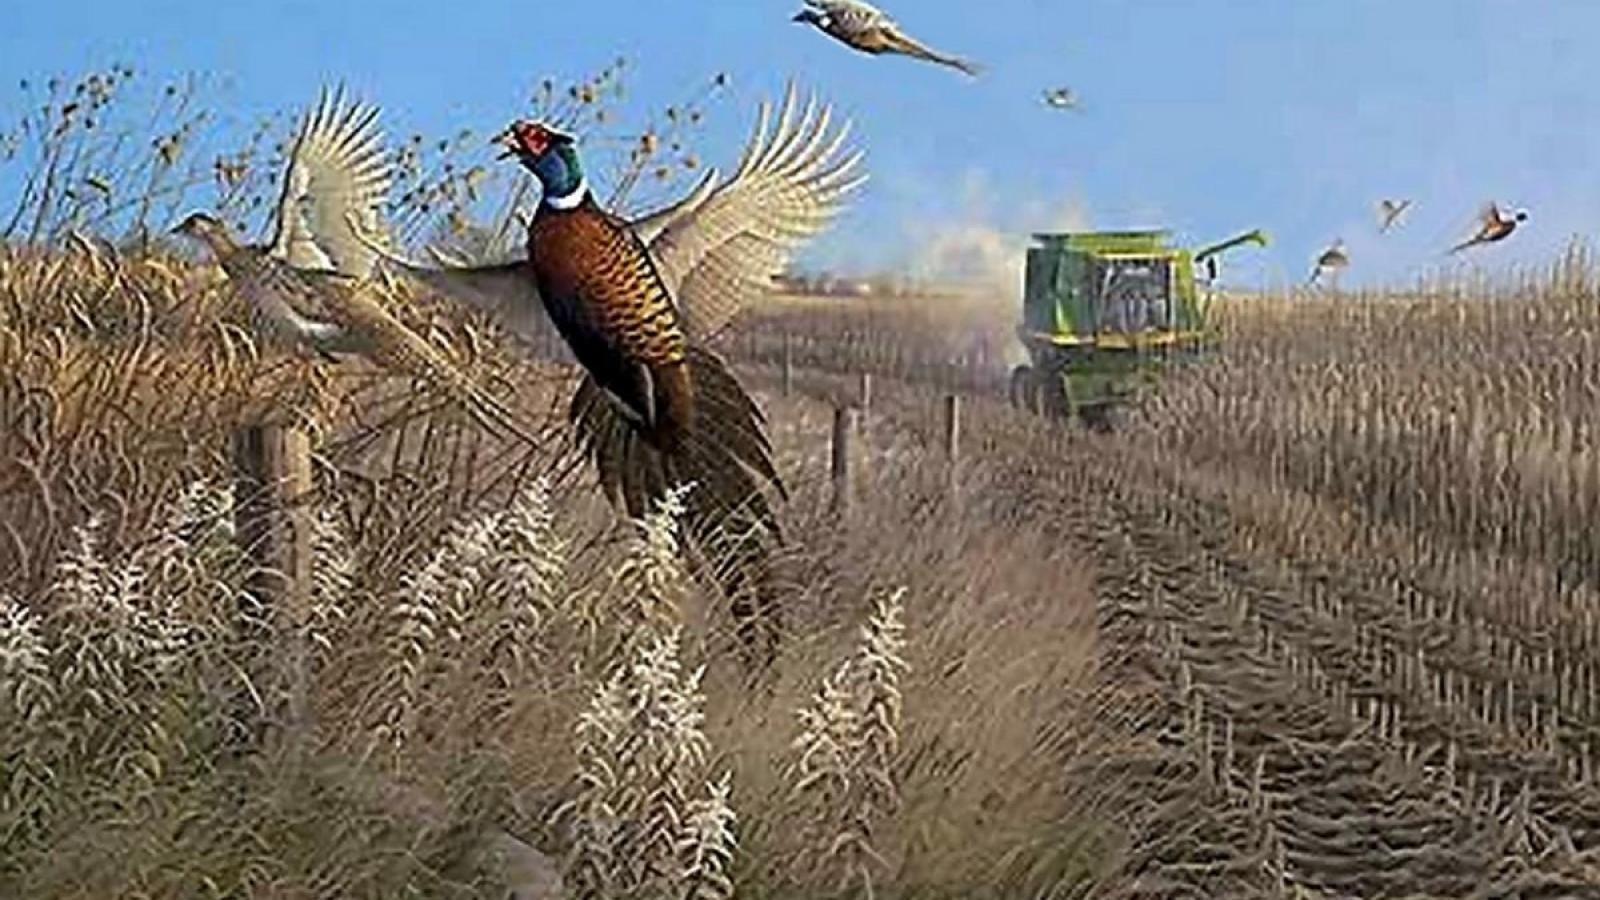 Pheasant Hunting Desktop Wallpapers Top Free Pheasant